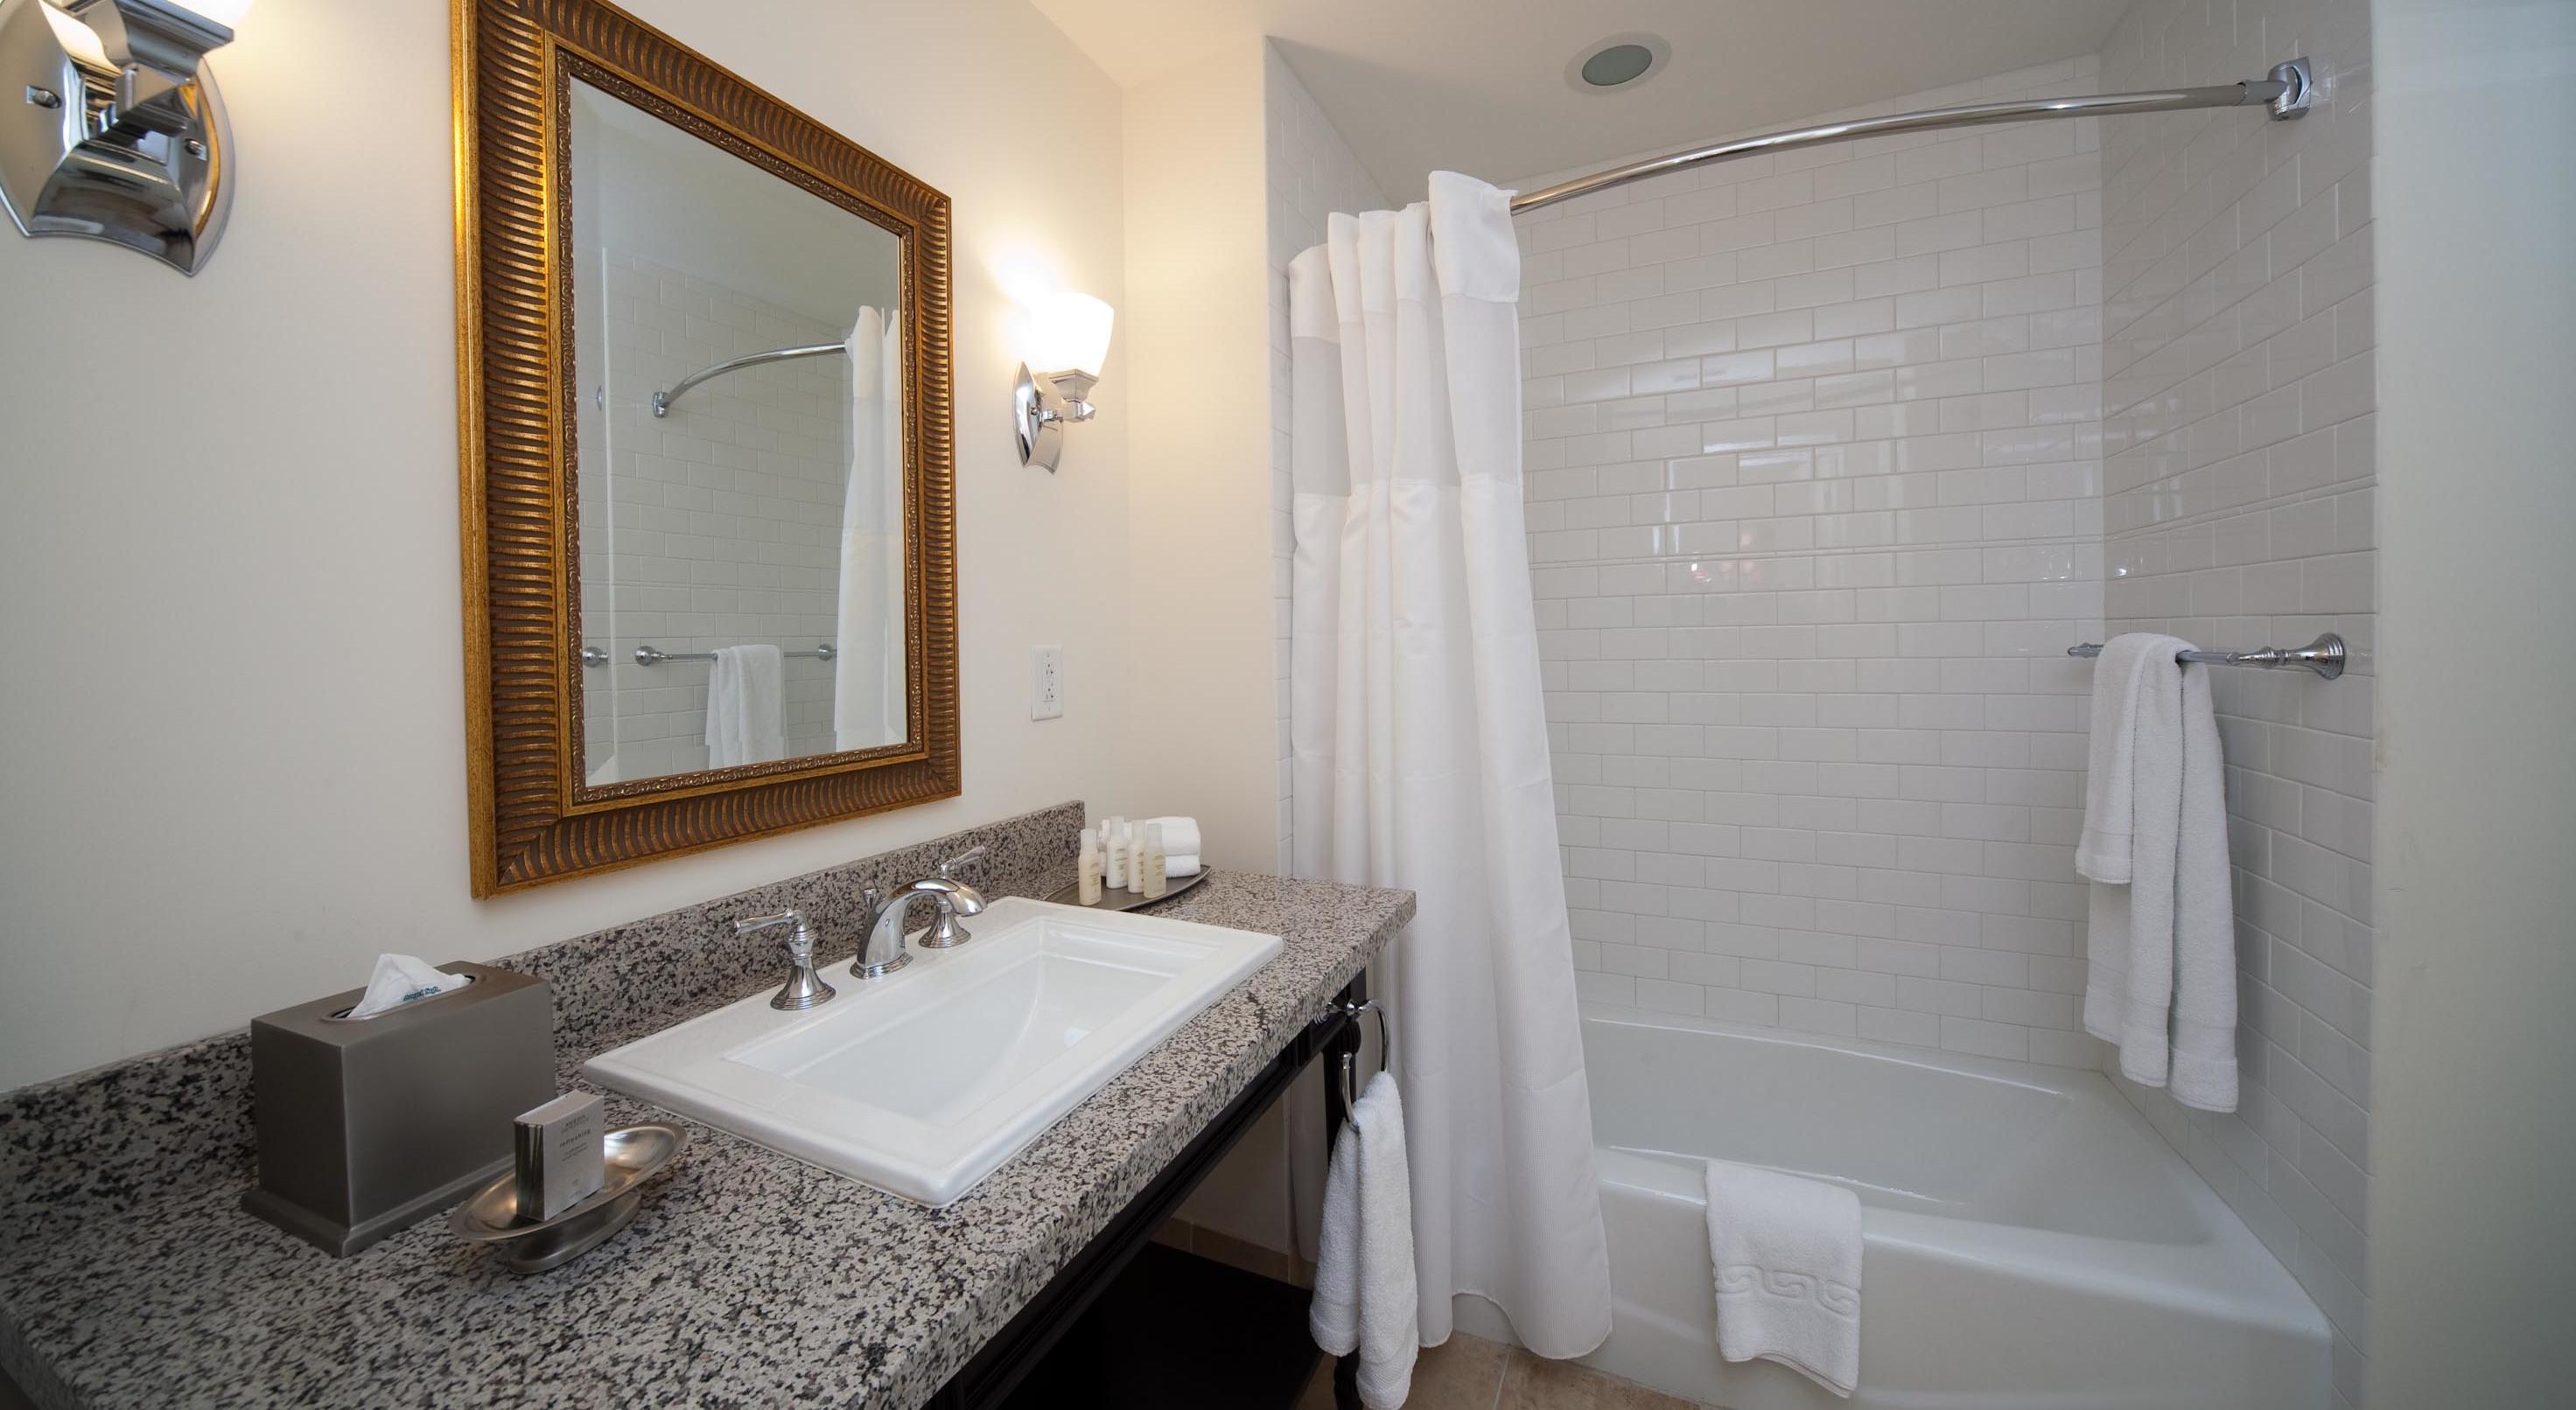 guest room bathroom at wild dunes resort